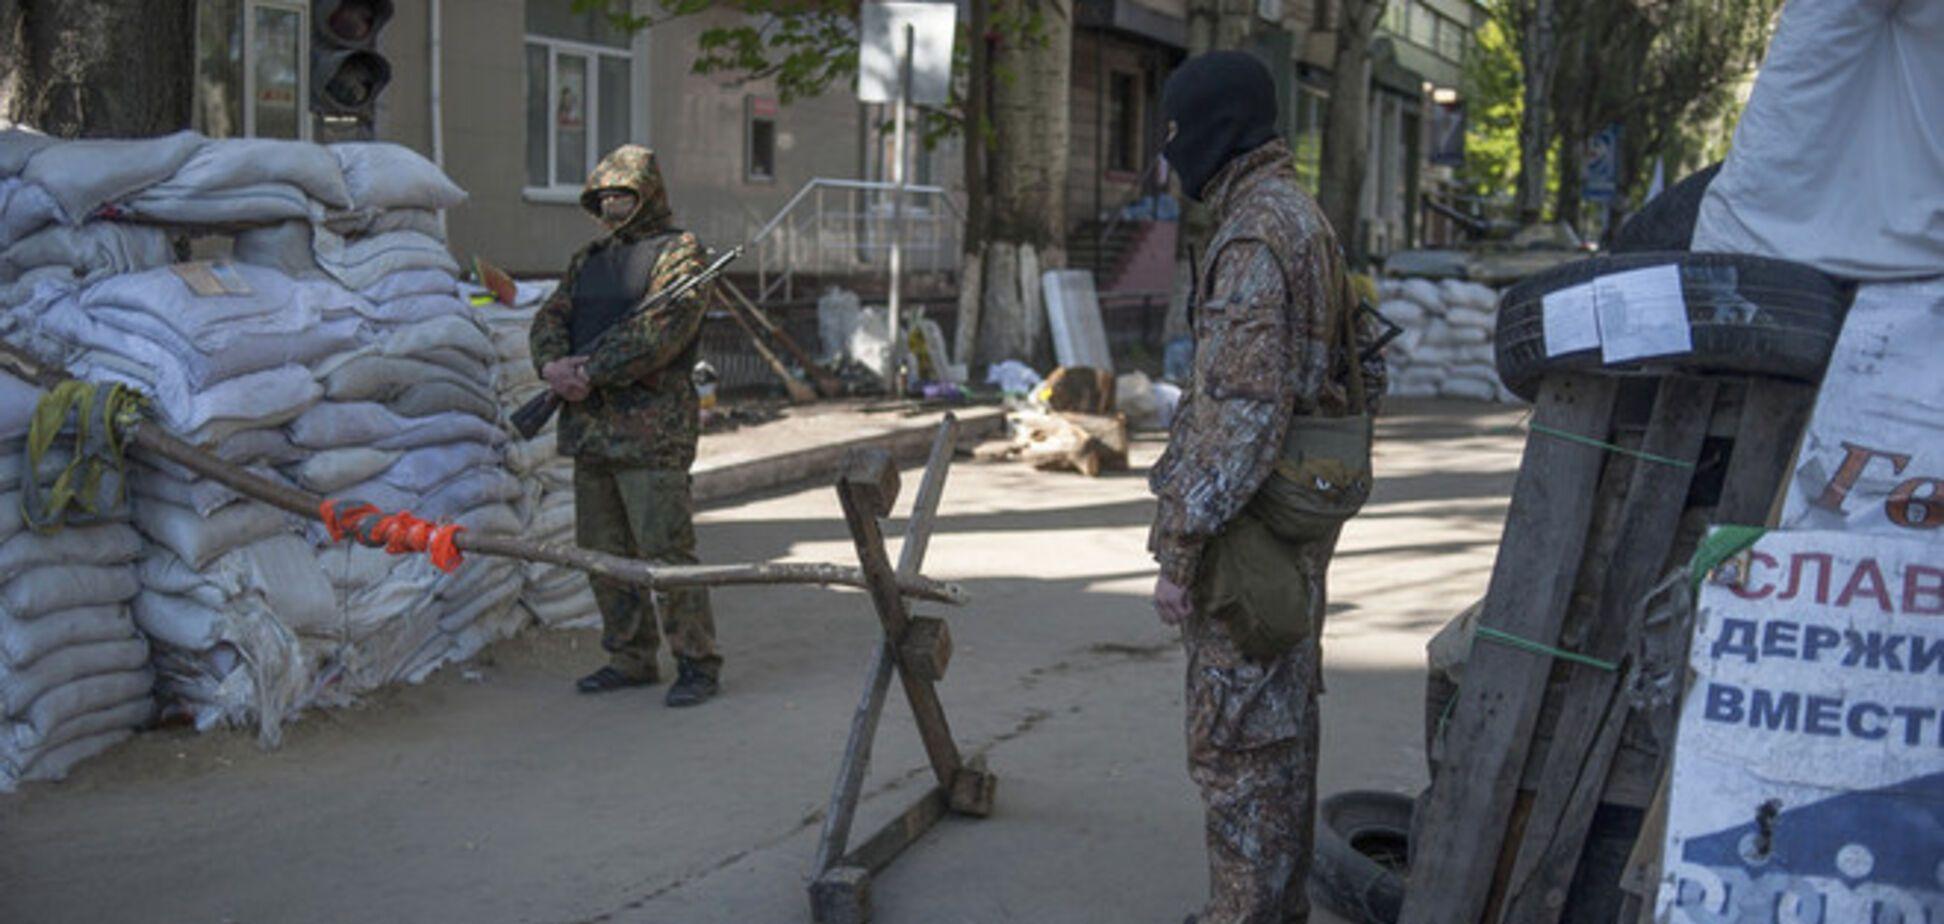 Сепаратисты в апреле захватили на востоке Украины 18 журналистов